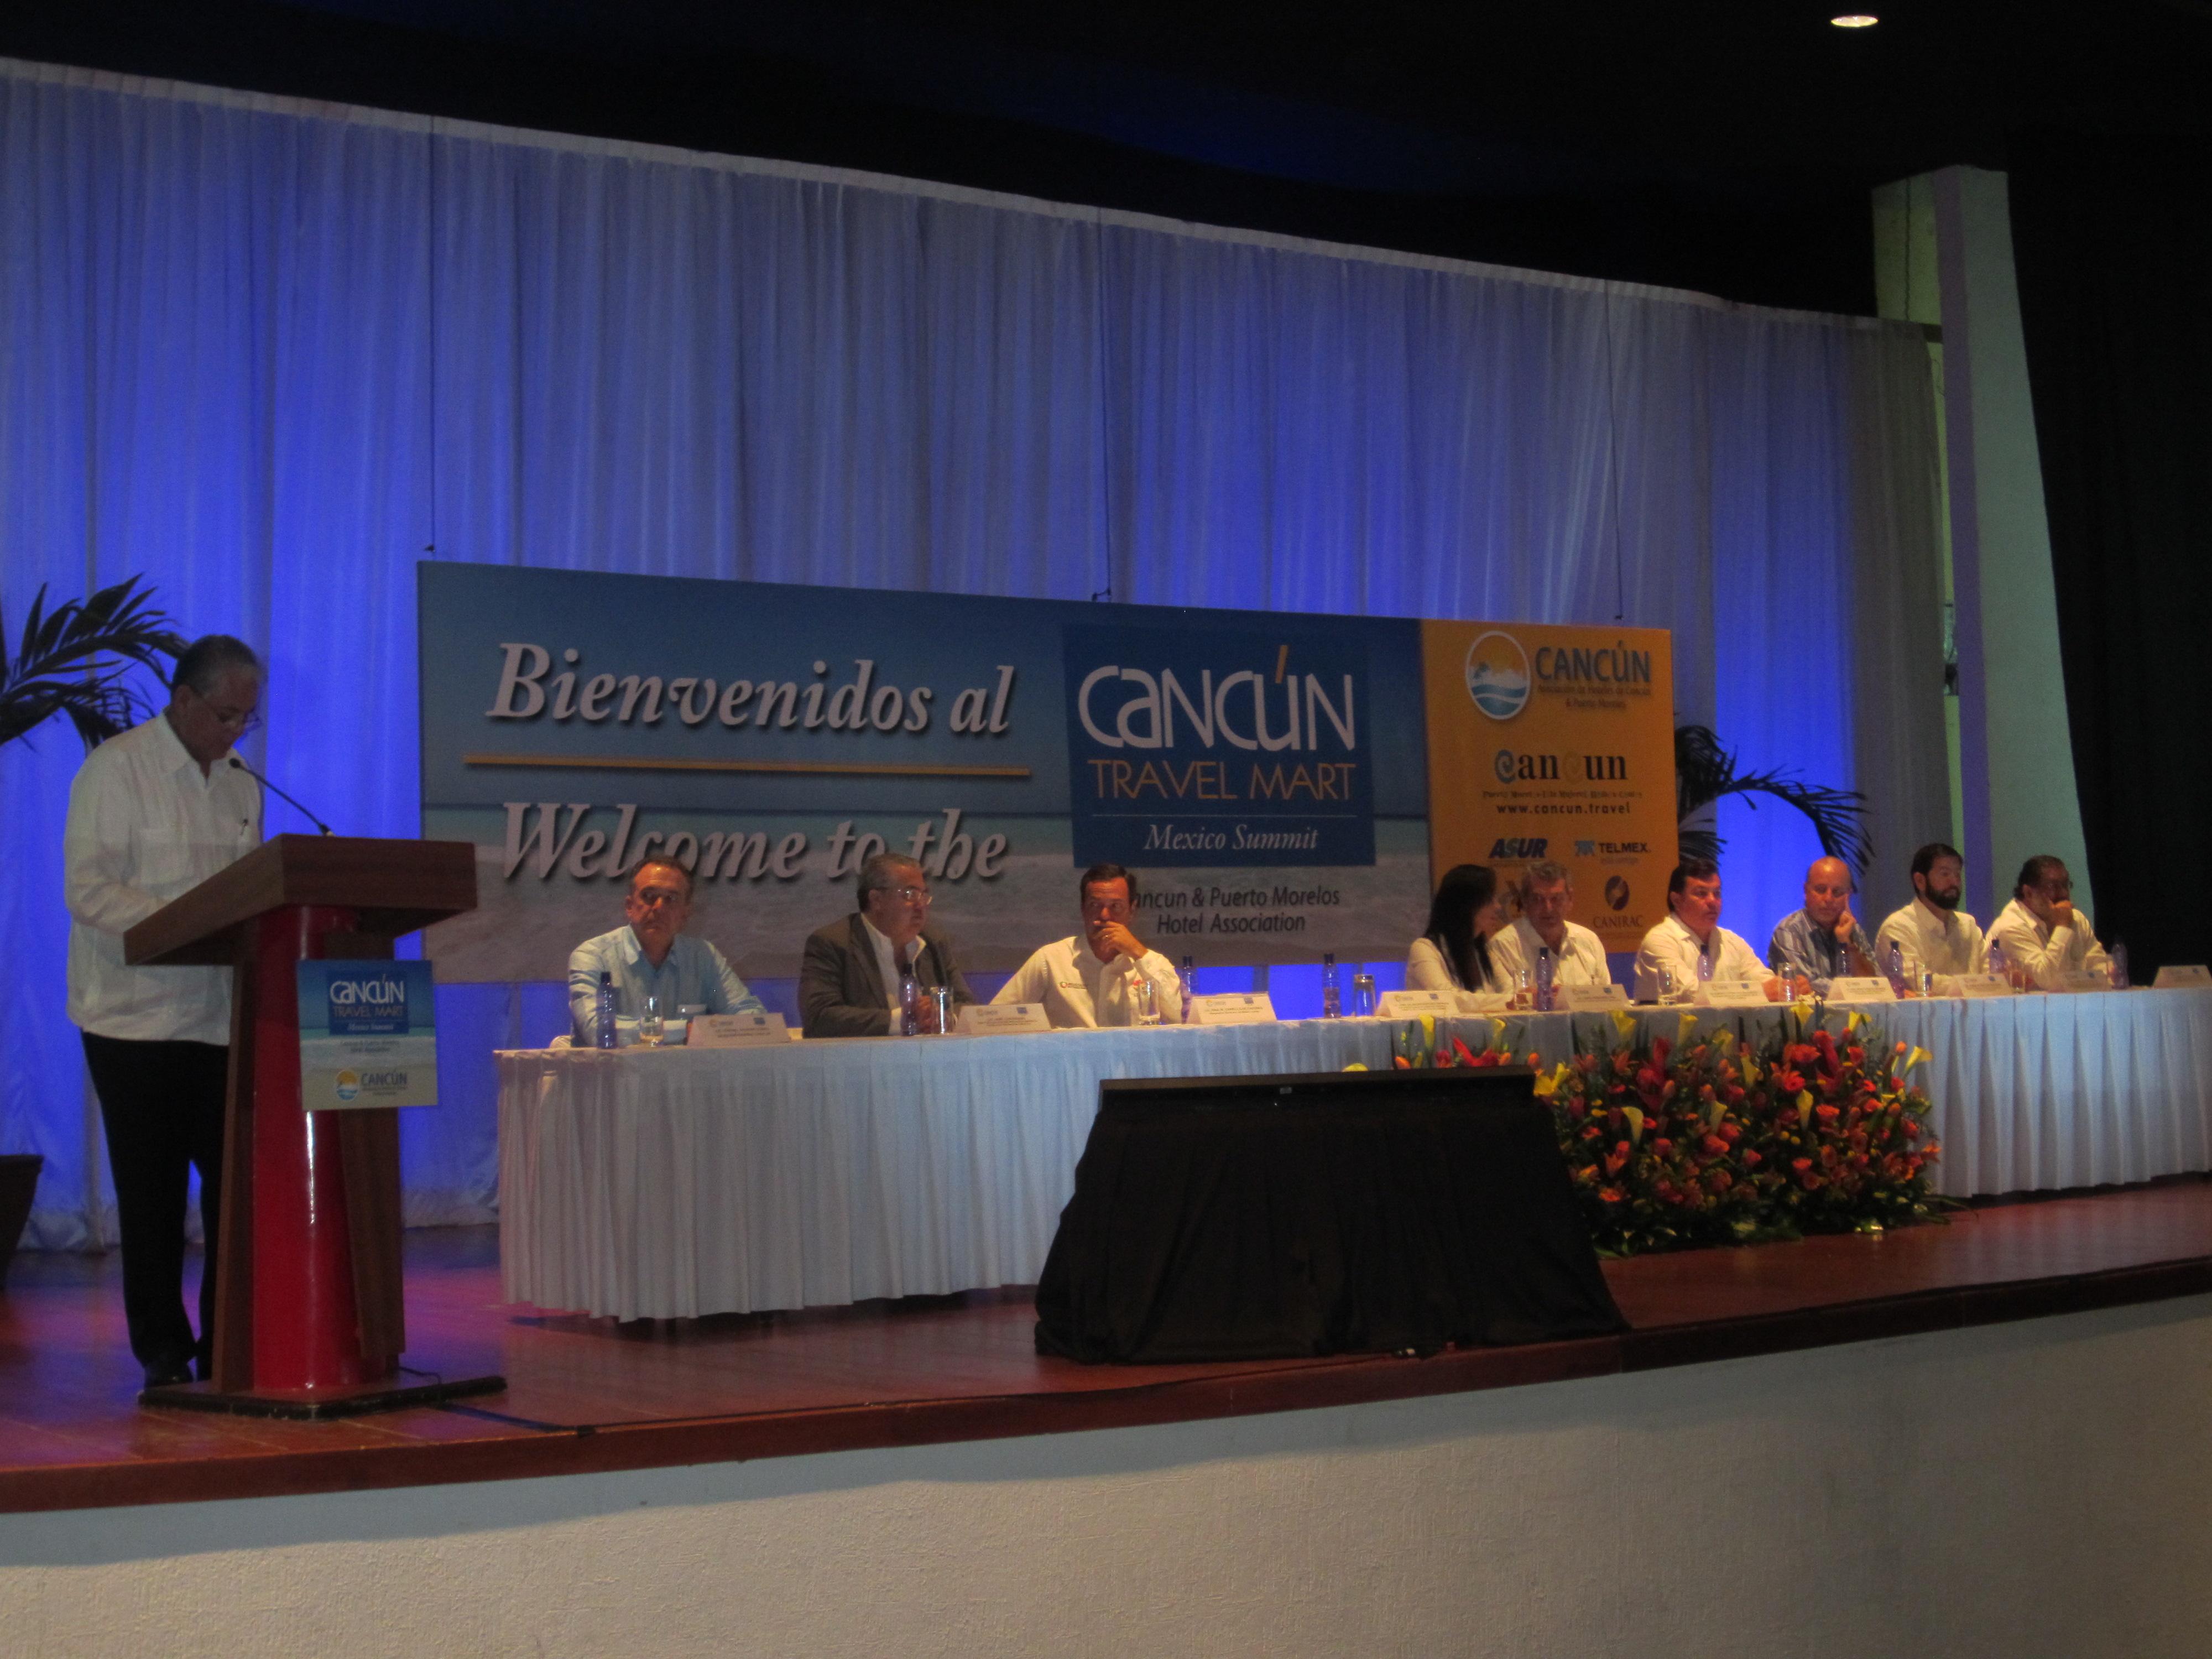 Salvador Sánchez en la bienvenida al Cancun Travel Mart Mexico Summit.